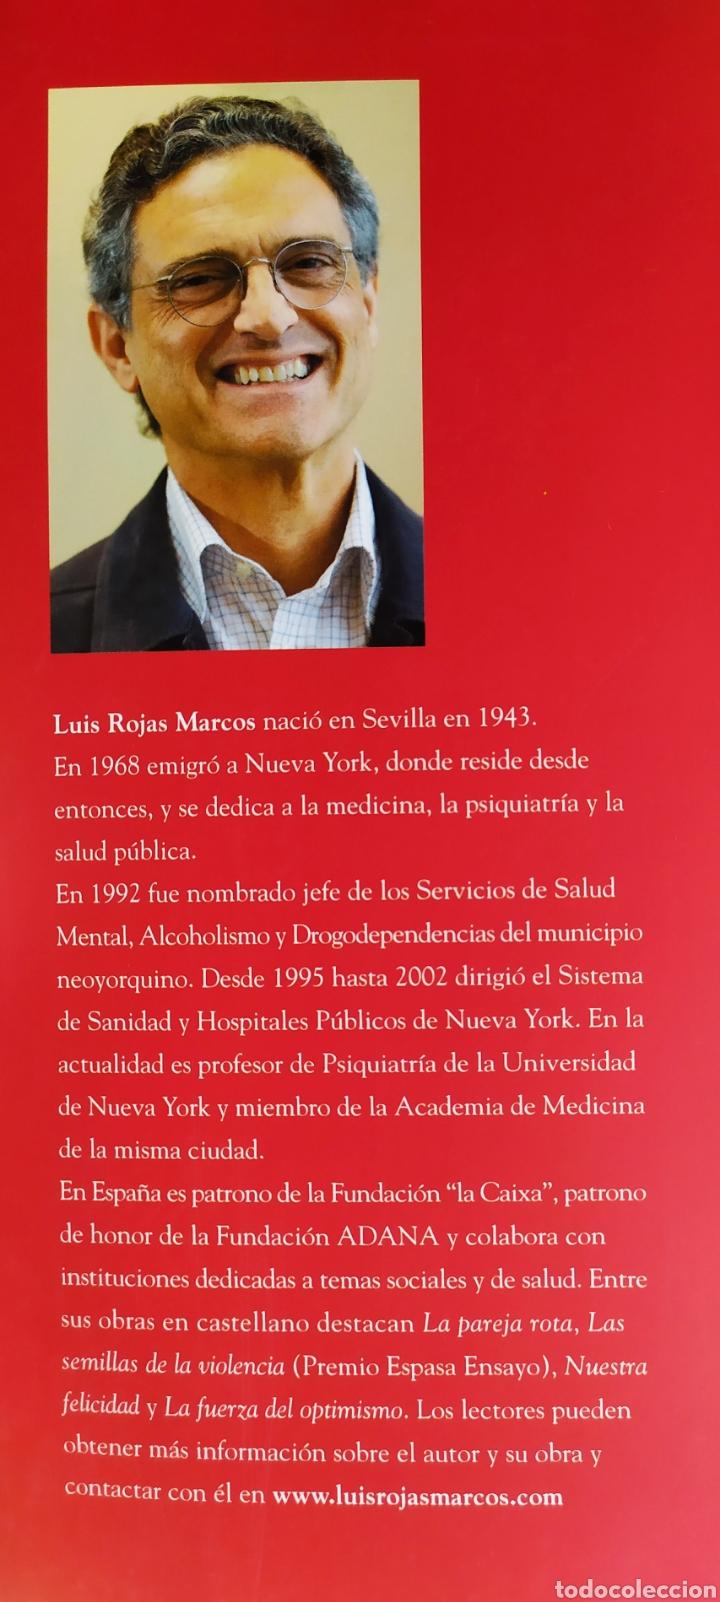 Libros: Libro; LA AUTOESTIMA, Nuestra Fuerza Secreta; Luís Rojas Marcos. Año 2007. - Foto 9 - 252124985